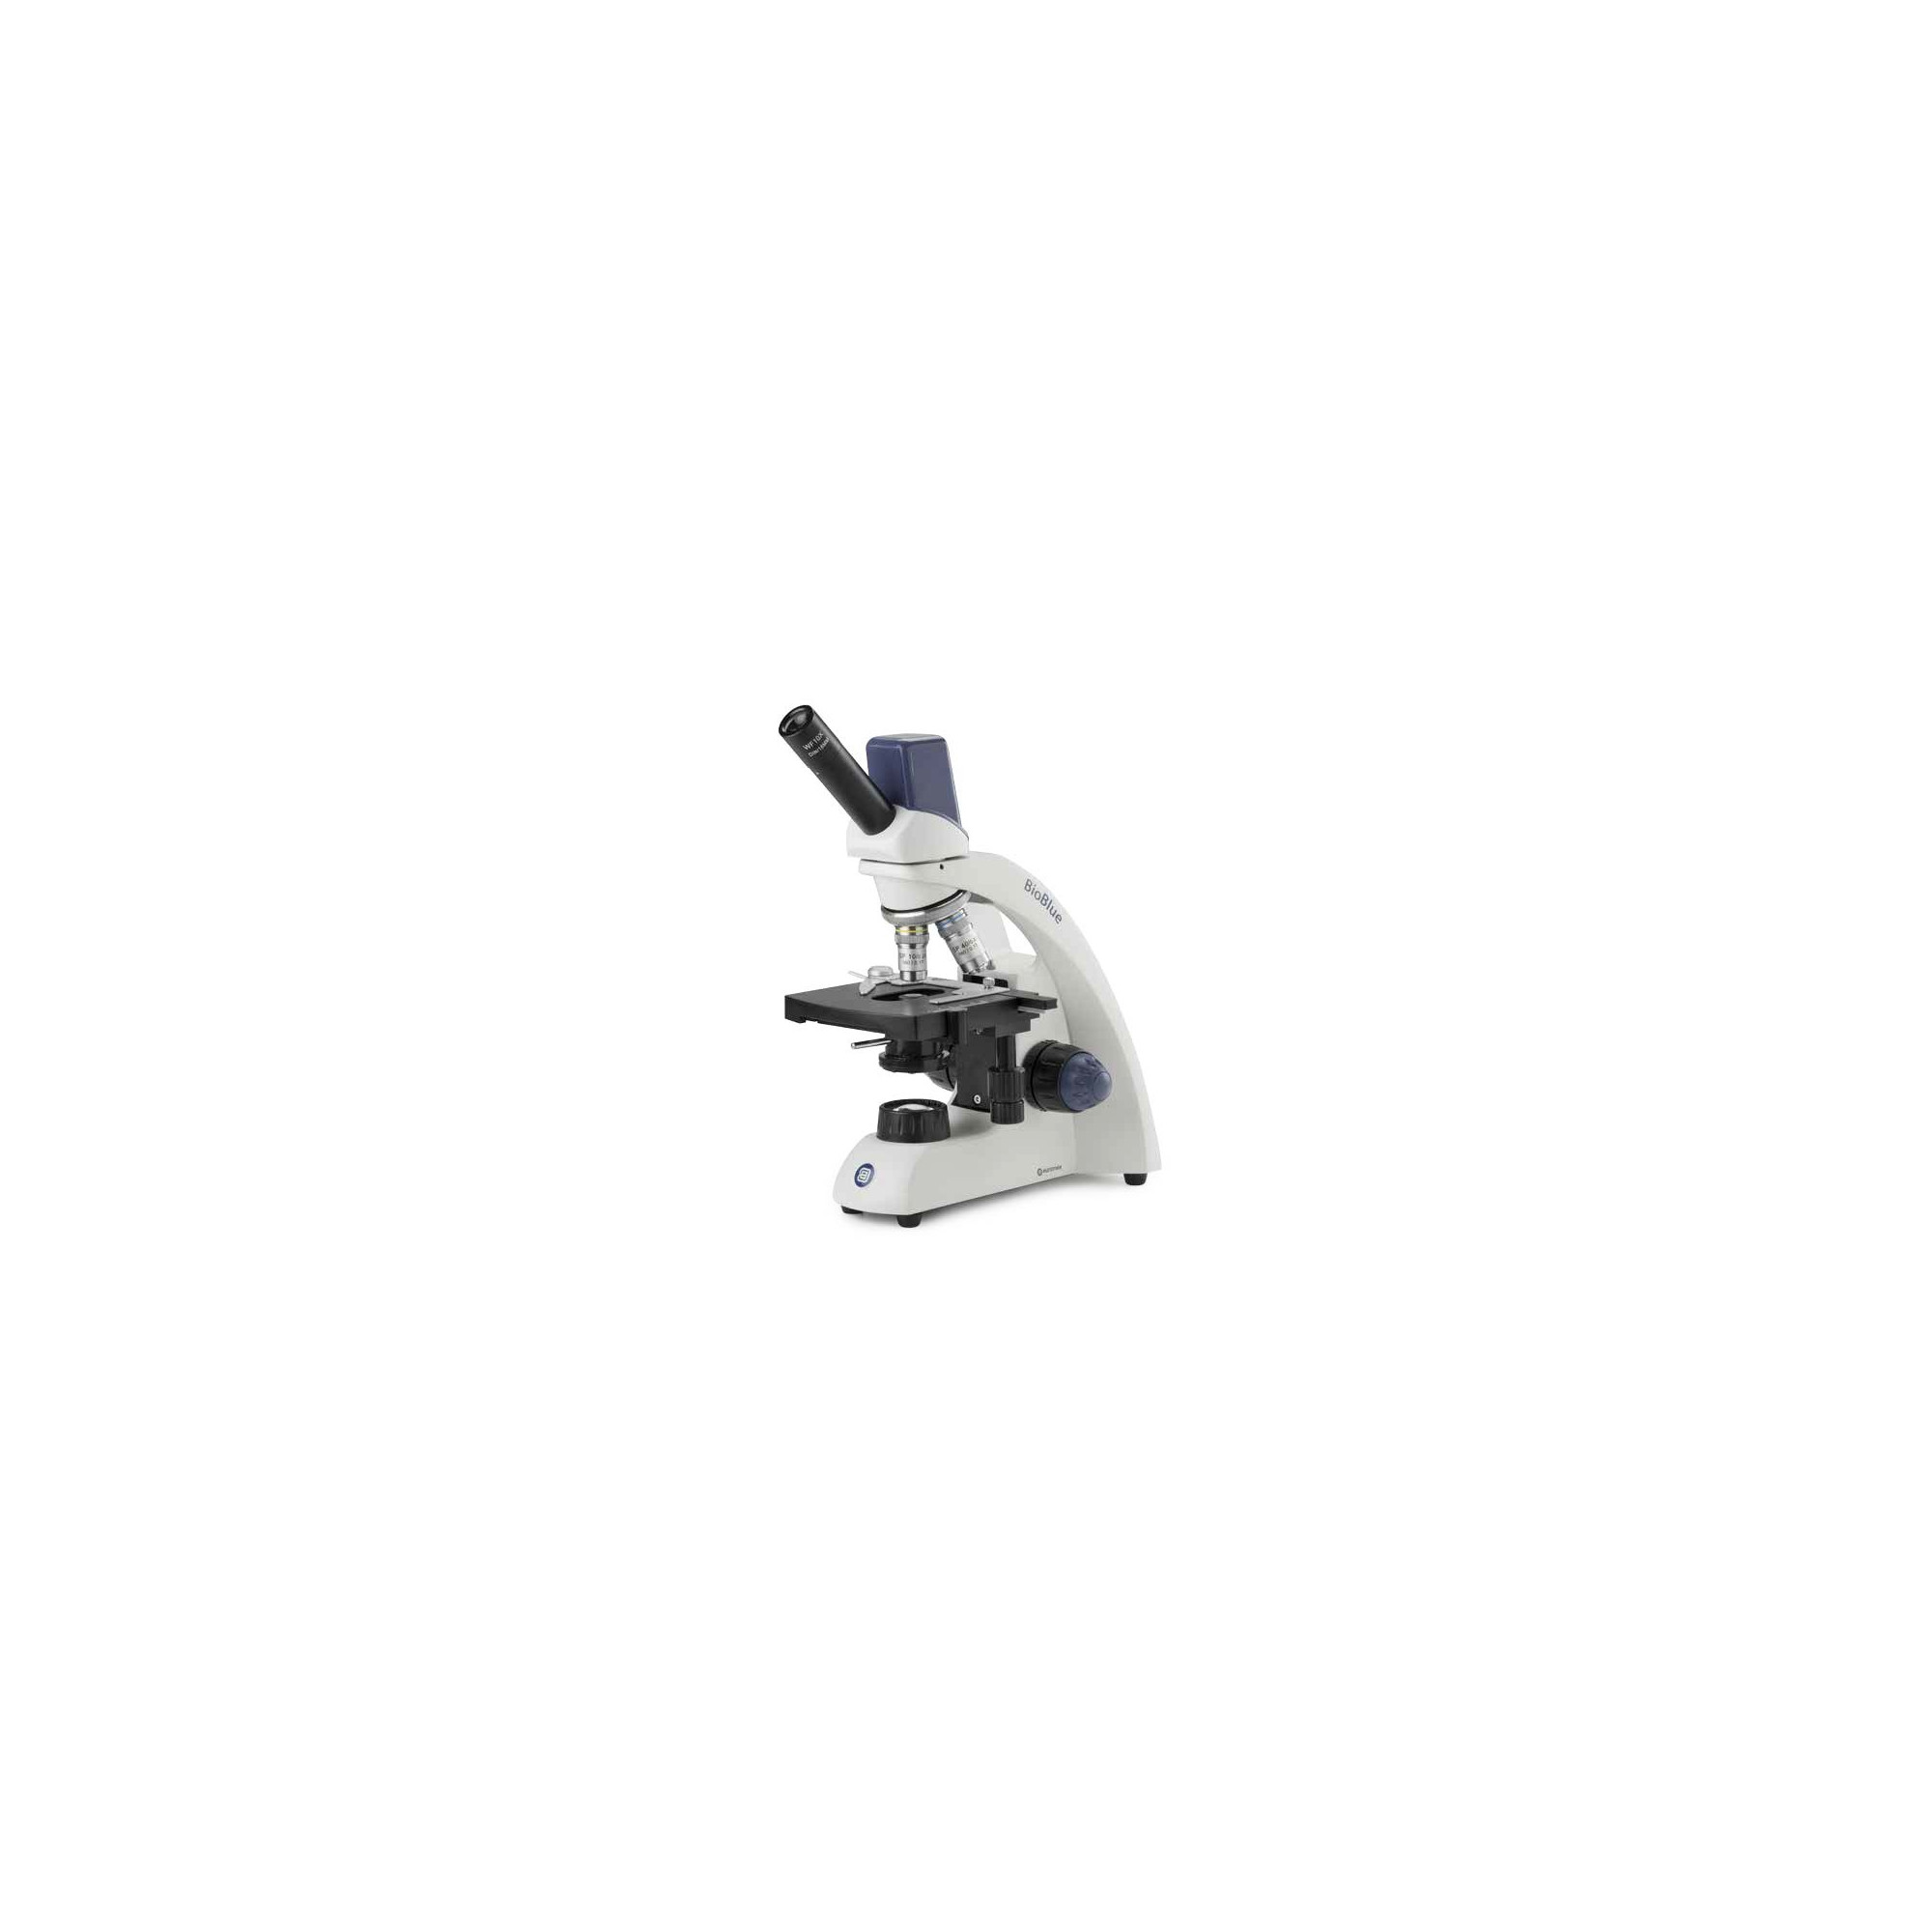 MICROSCOPIO DIGITAL MONOCULAR BIOBLUE MODELO 4255